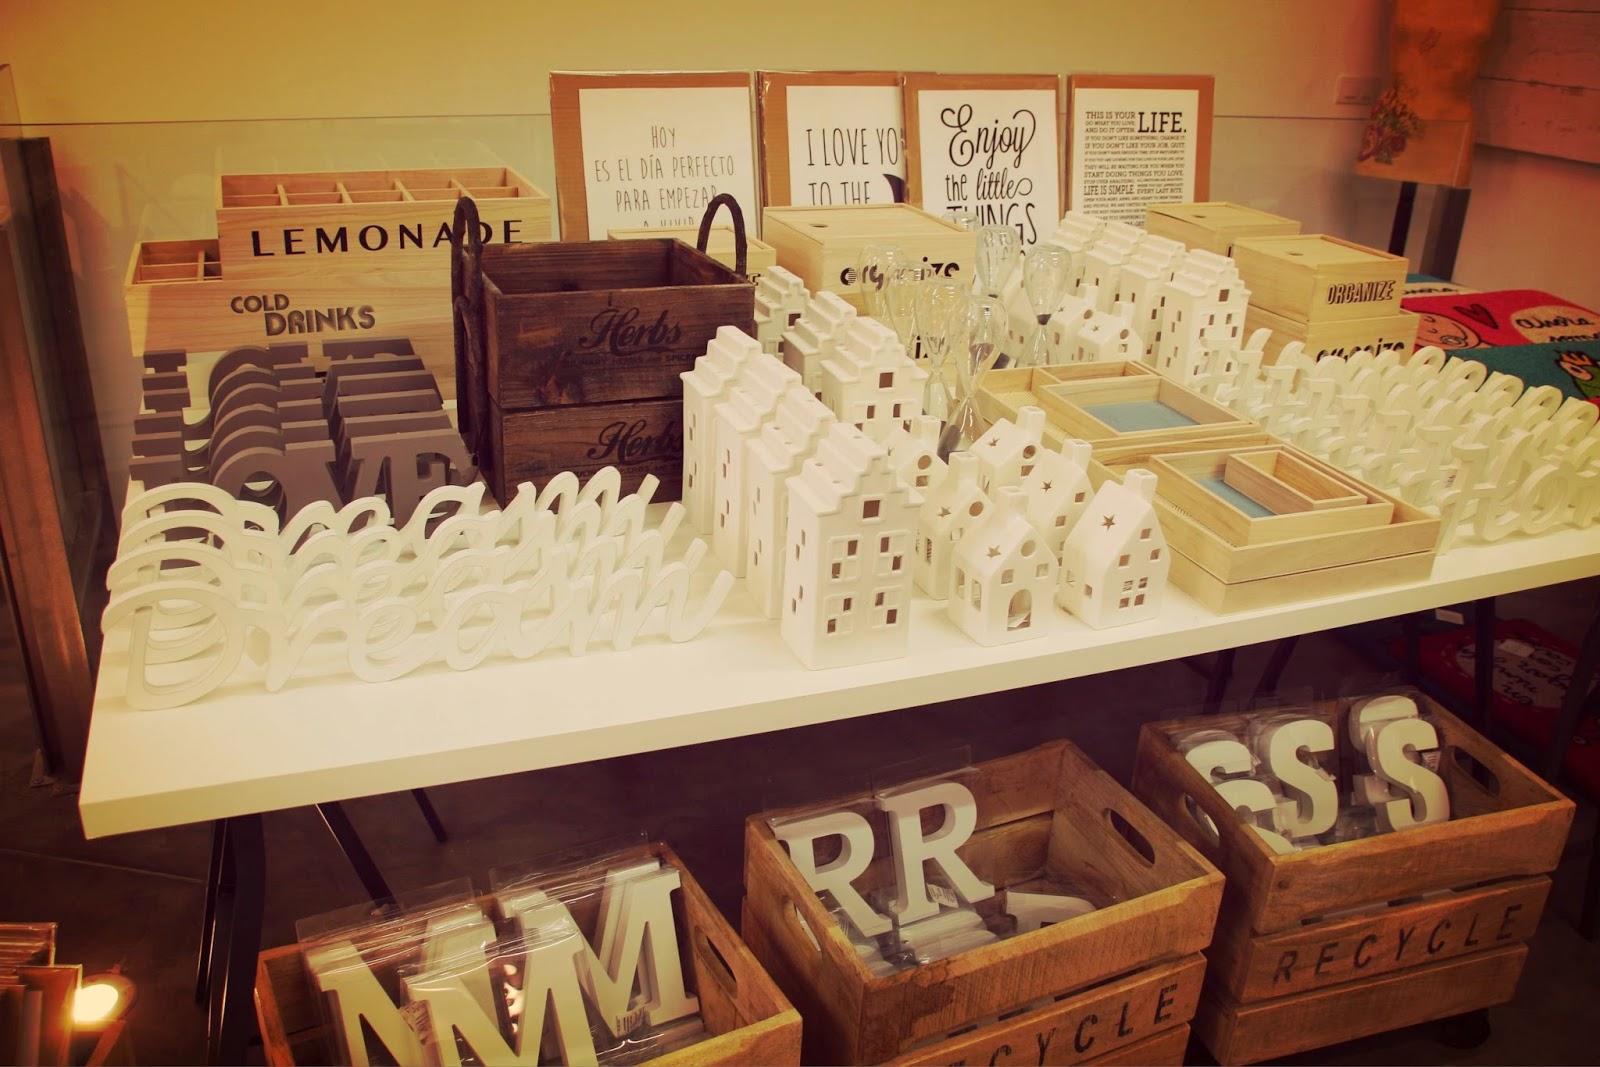 Decoración,Kenay Home, pop up store, espacio ciento y pico, malasaña, calle velarde, letras de madera